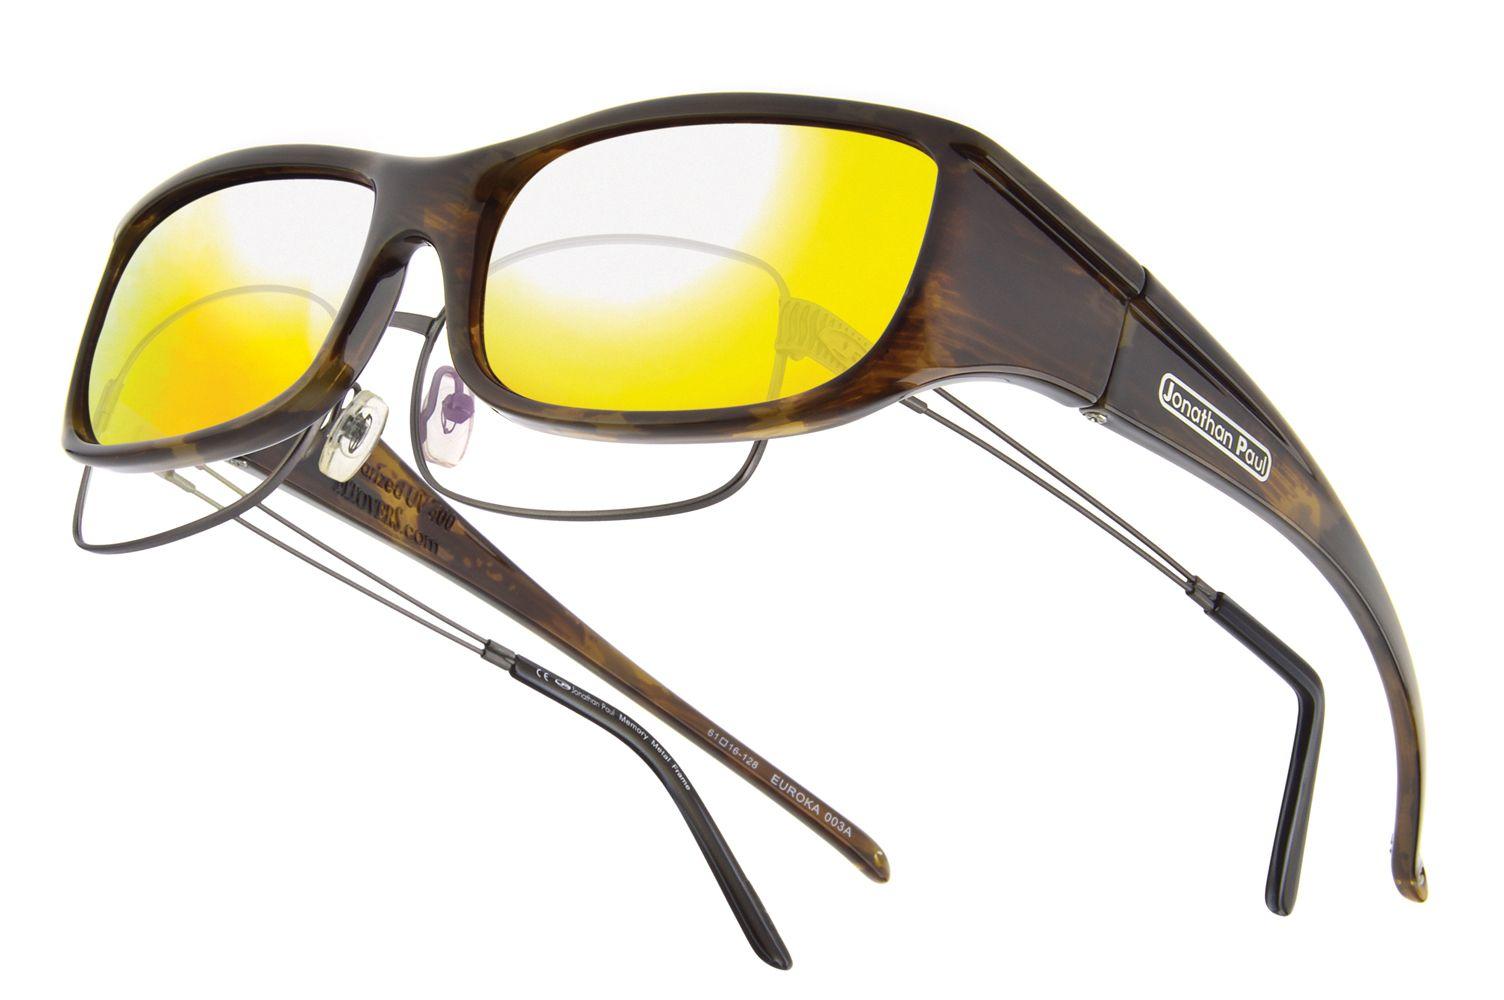 7fae0e8cc6 How Fitovers™ Sunglasses Compare to Prescription Sunglasses